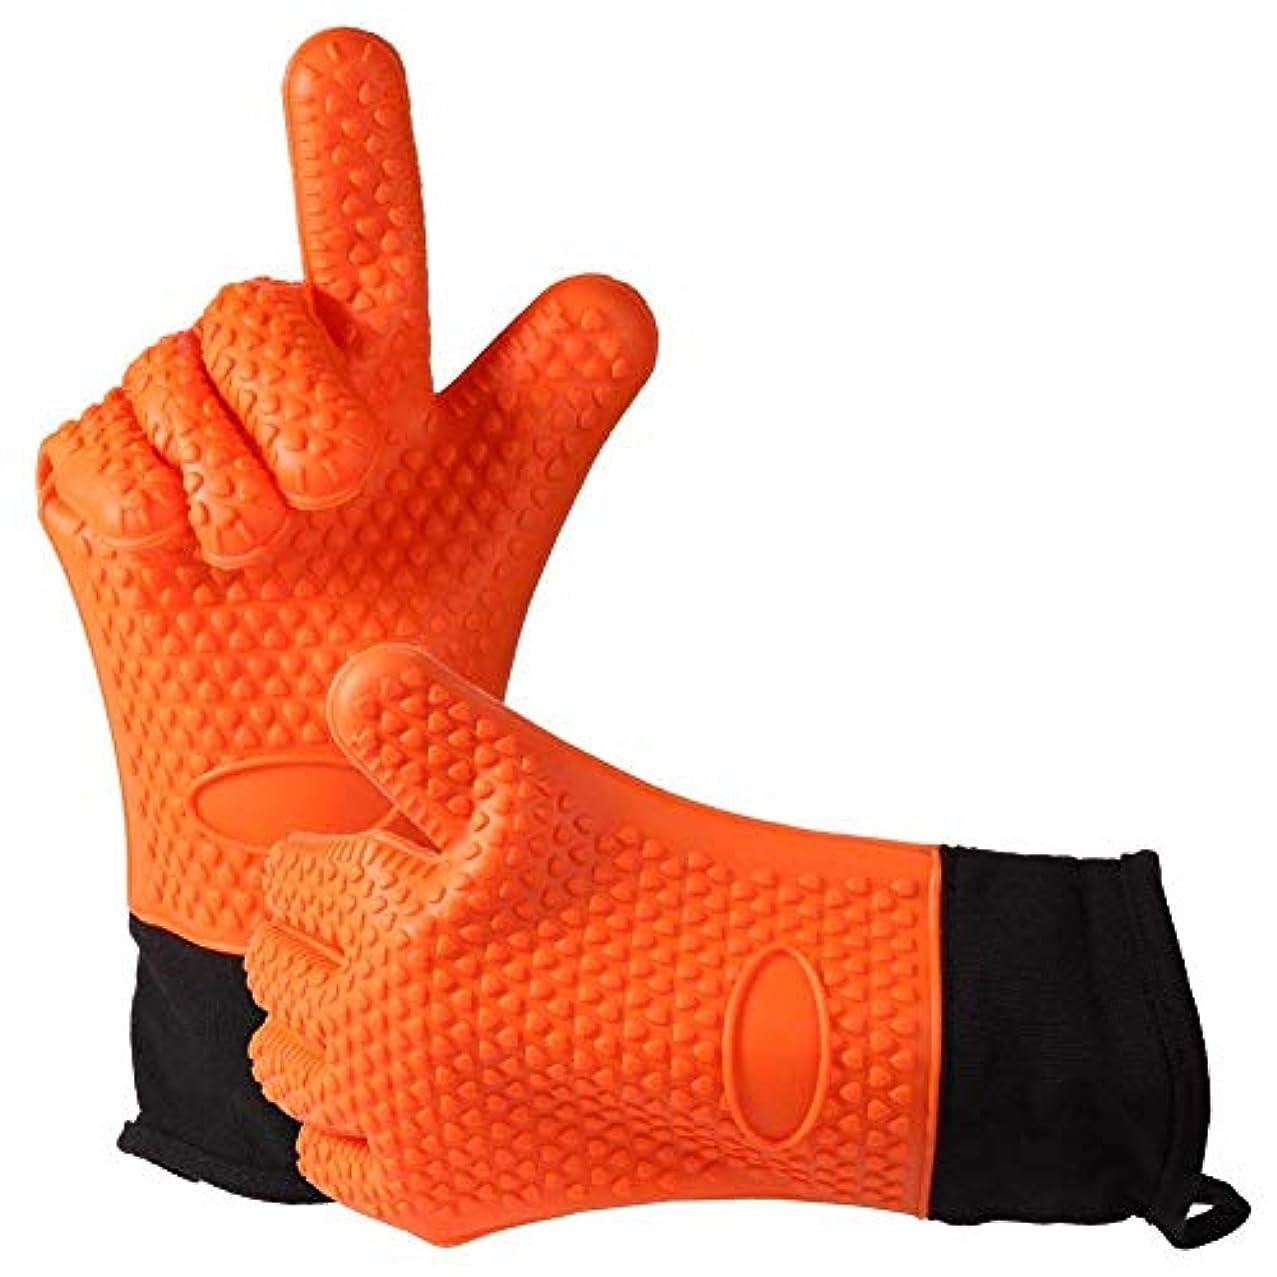 周術期脚本ダイアクリティカル手袋 耐熱グローブ シリコン ンオーブン 一对